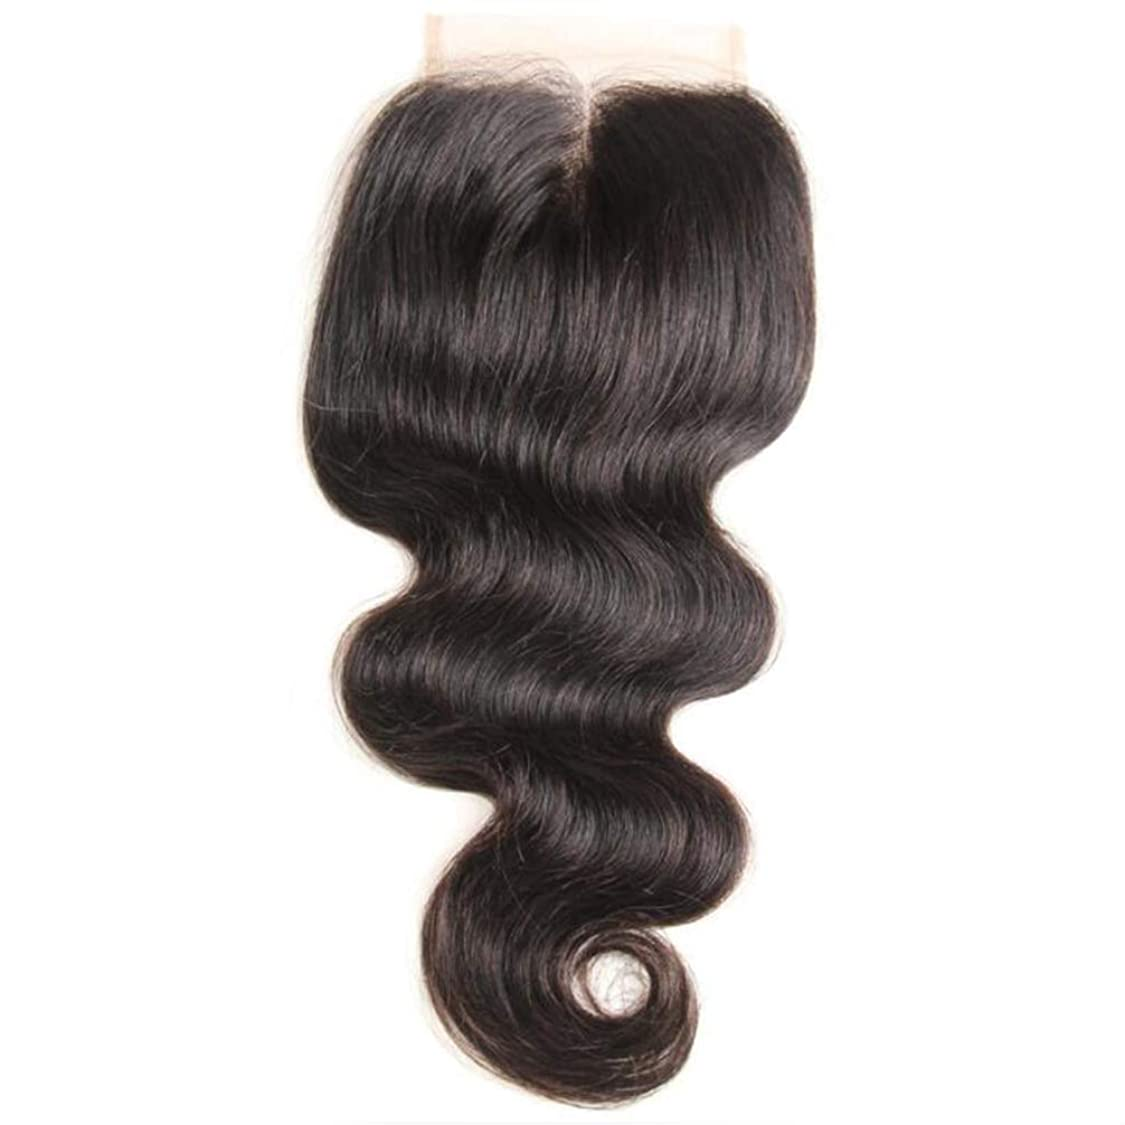 朝背が高い趣味かつら巻き毛の波ブラジルのバージンの毛360の暗喩の使用のための赤ん坊の毛180密度のレースの正面かつら